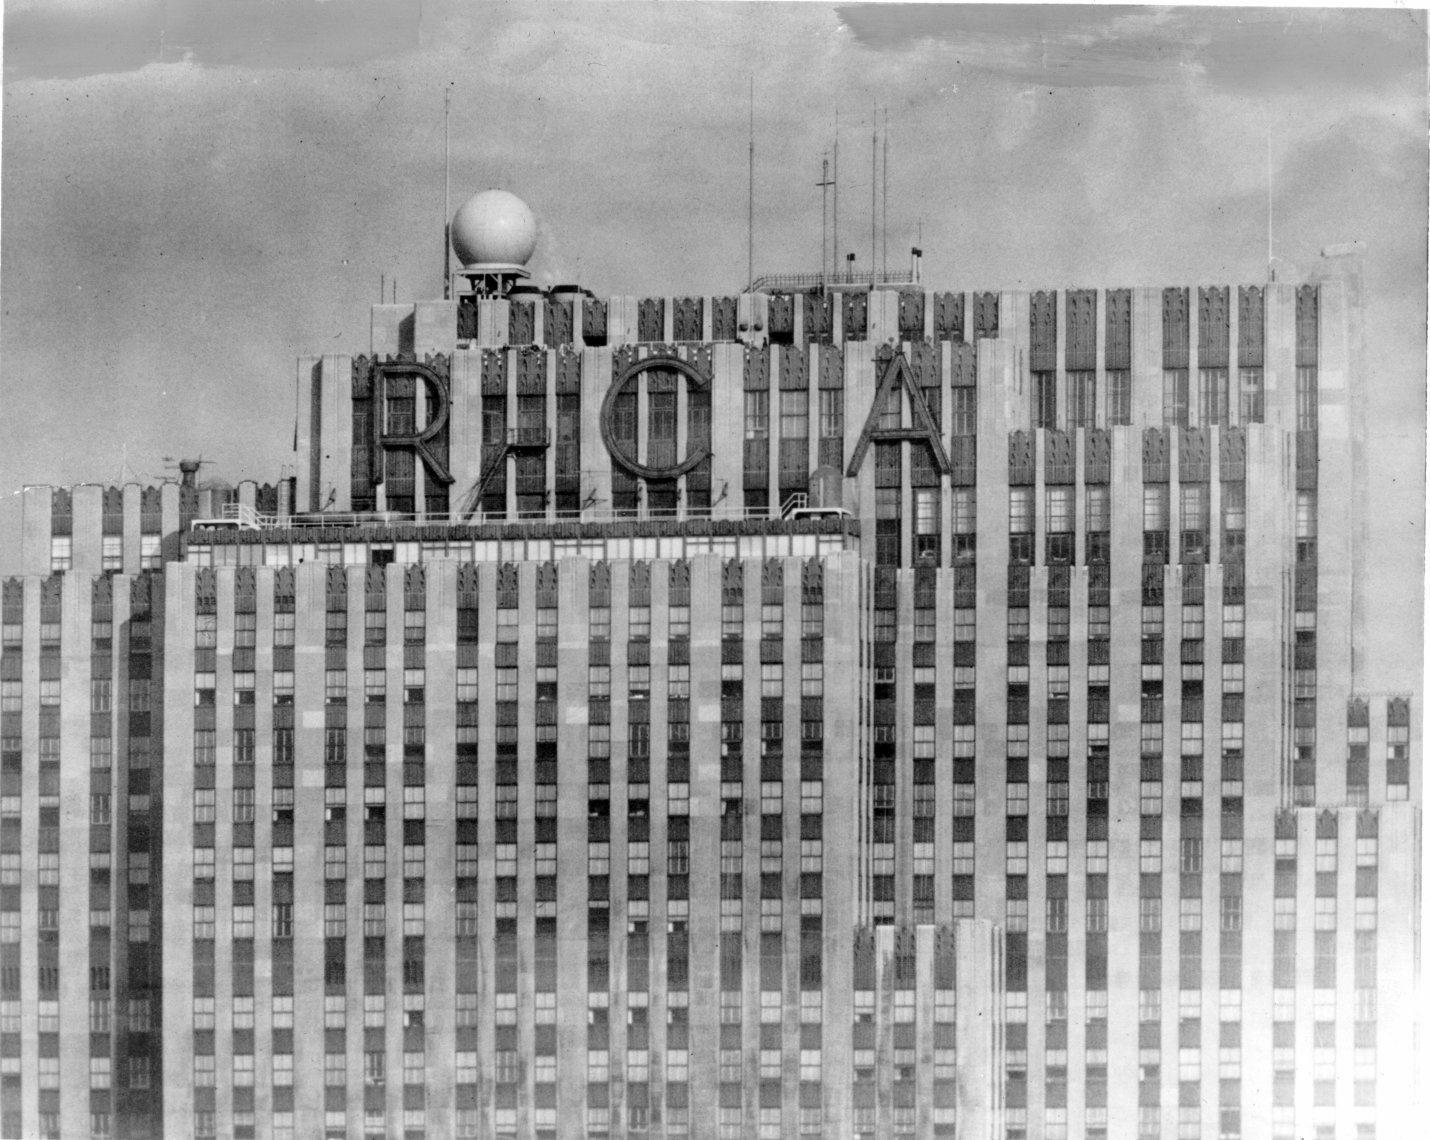 New york 30 rockefeller plaza 850 39 roof 70 floors for Model house nyc